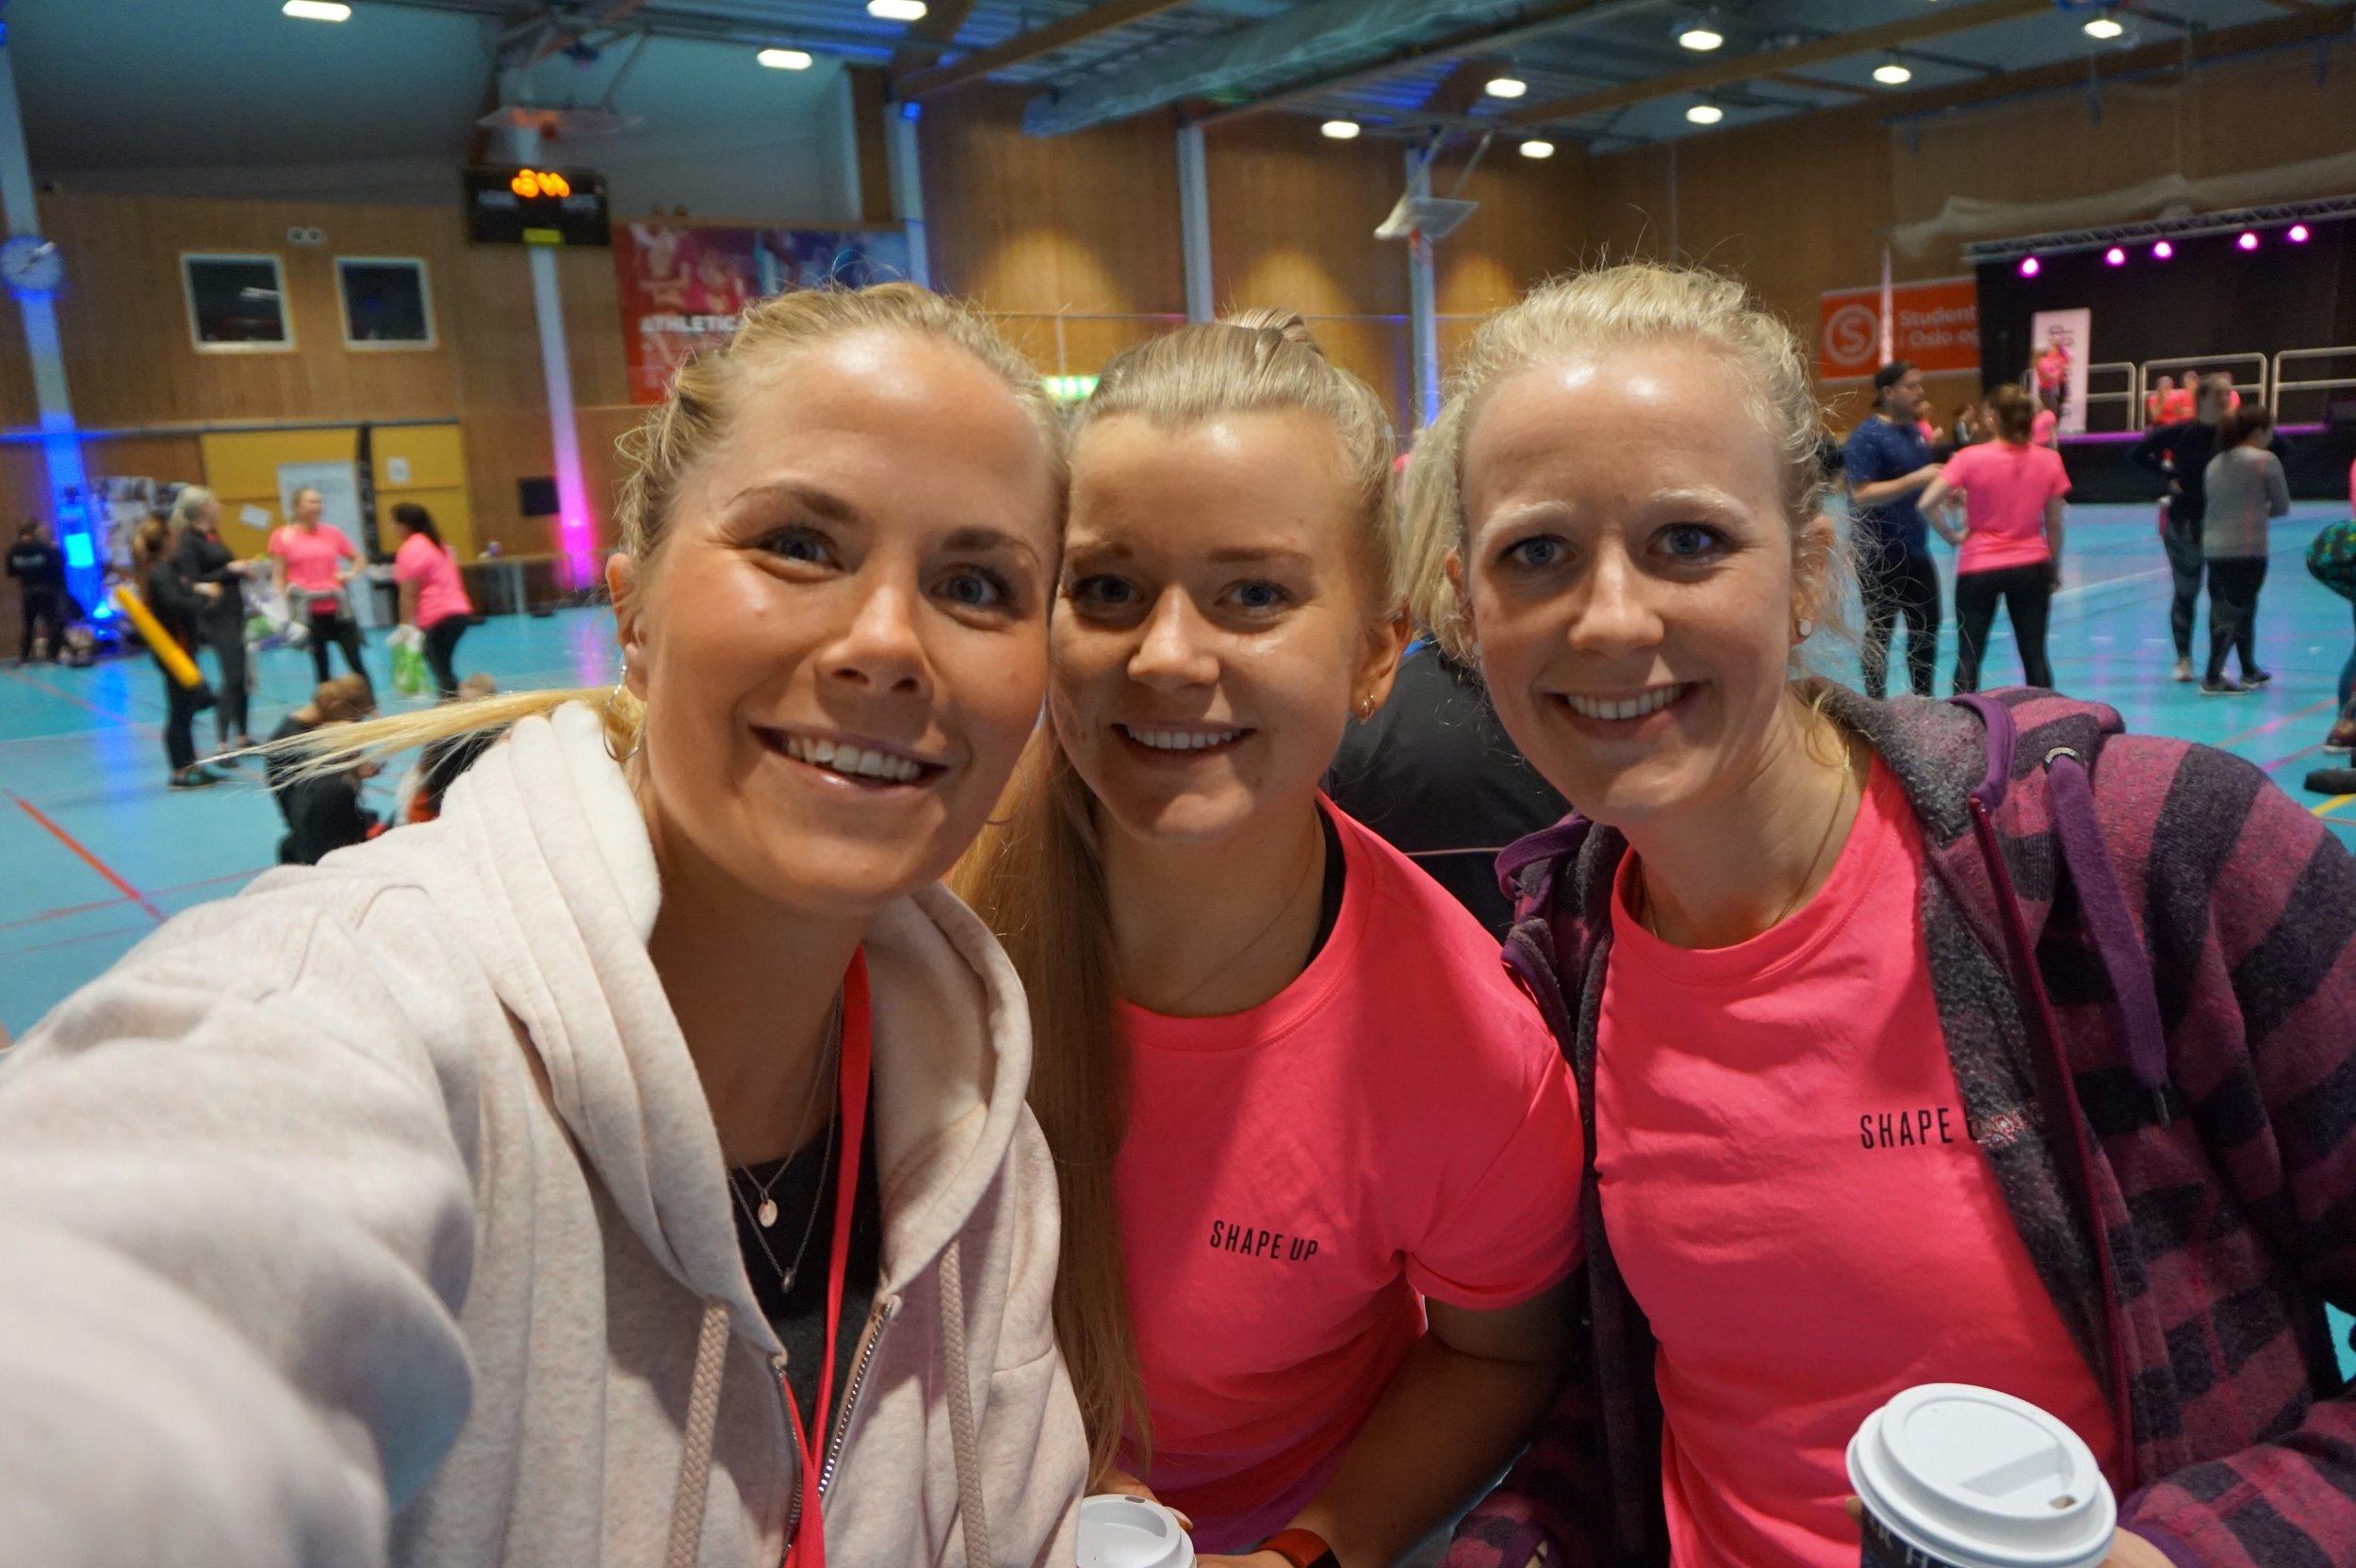 Sammen med Siri Helgerud og Sigrun Tovsrud :) Topp stemning!